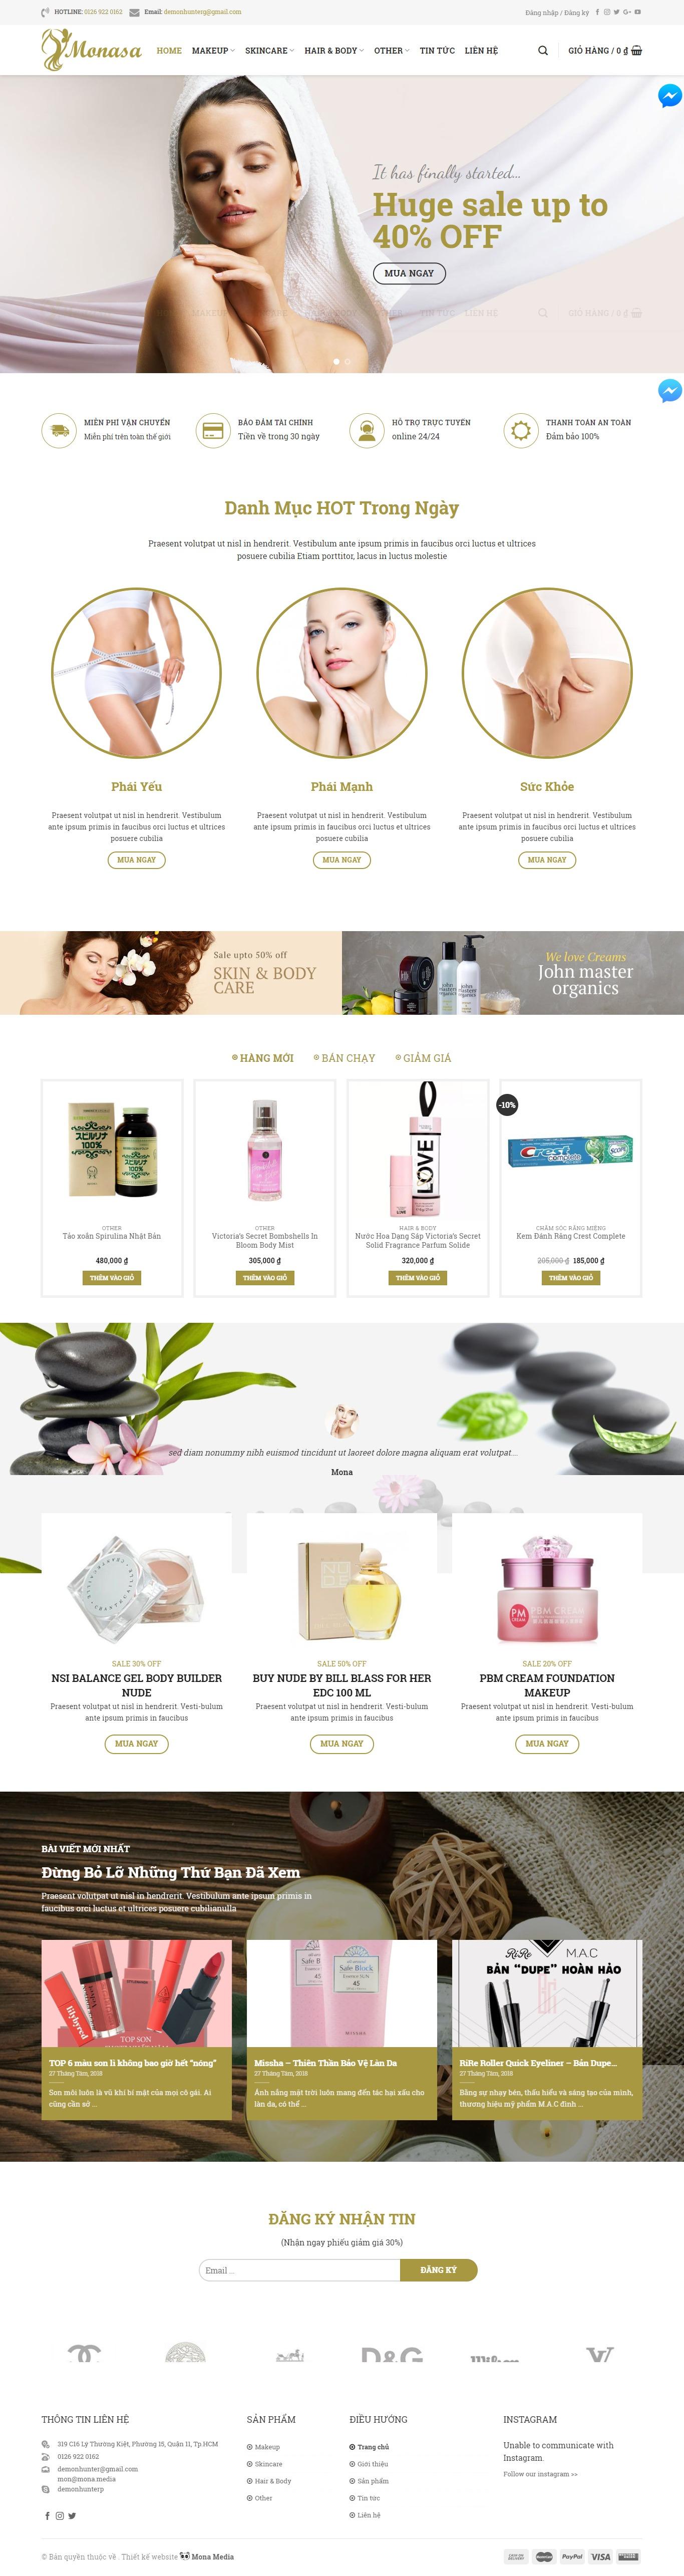 Mẫu website bán hàng mỹ phẩm giống Harosa